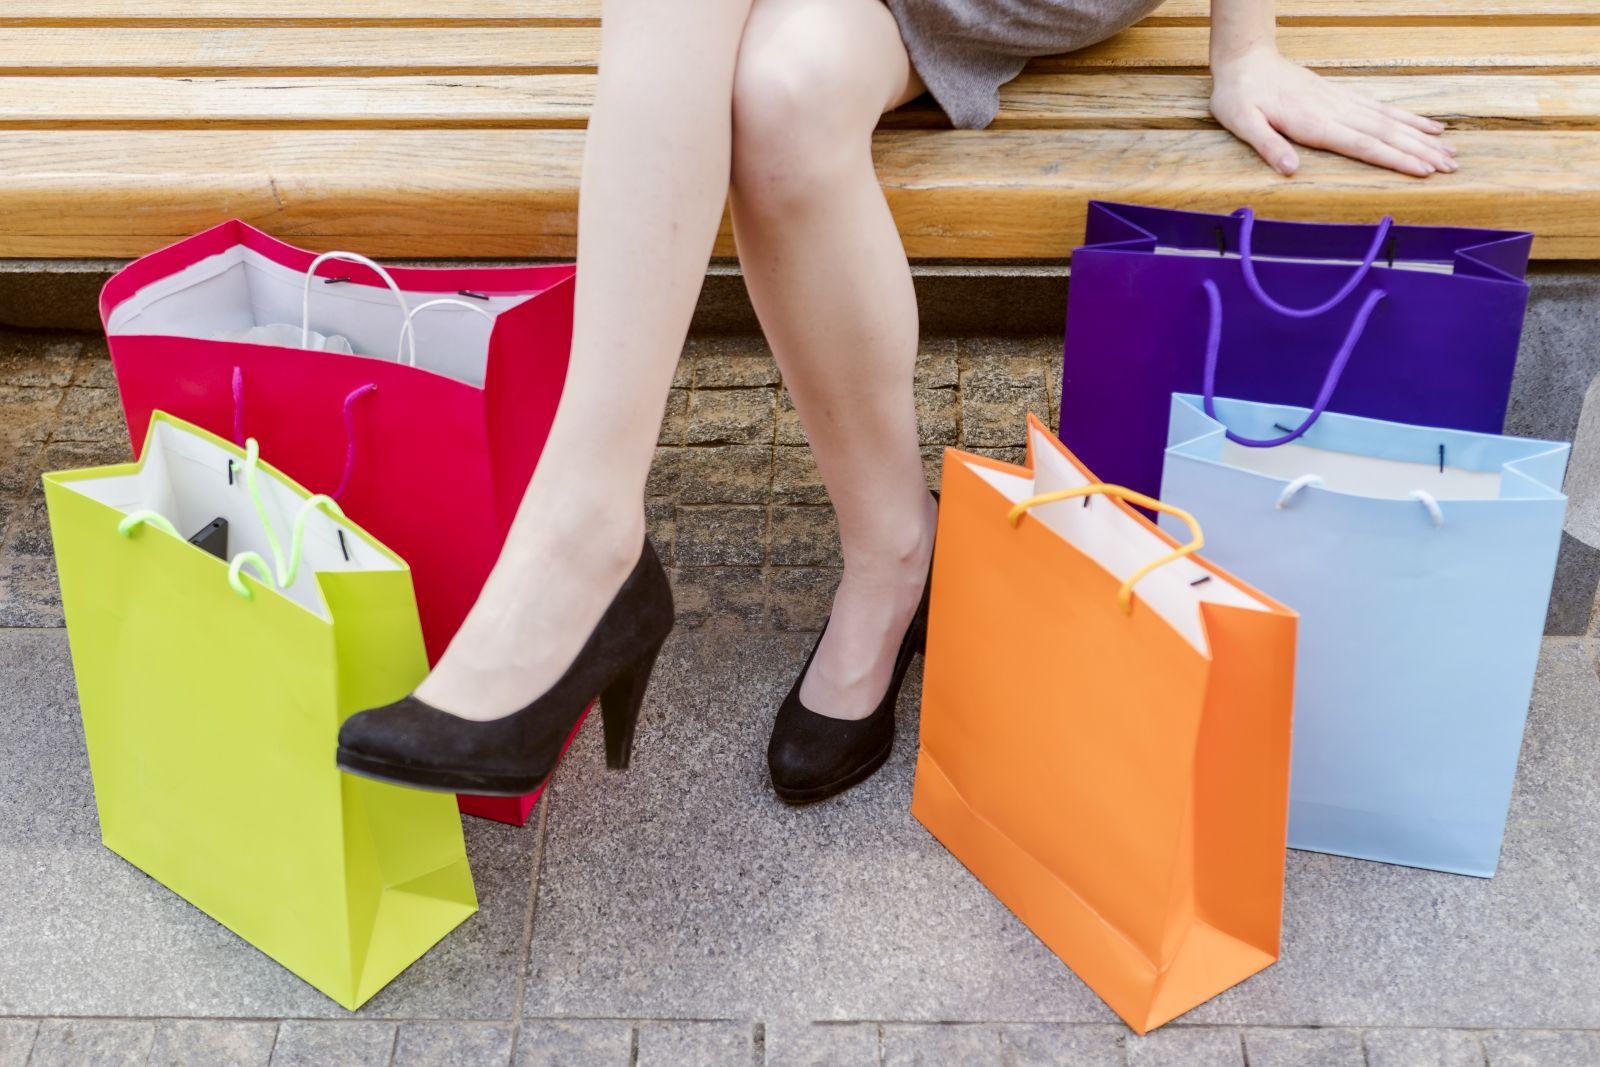 Giá túi đựng giày sẽ cao hơn các loại túi khác vì kích thước lớn